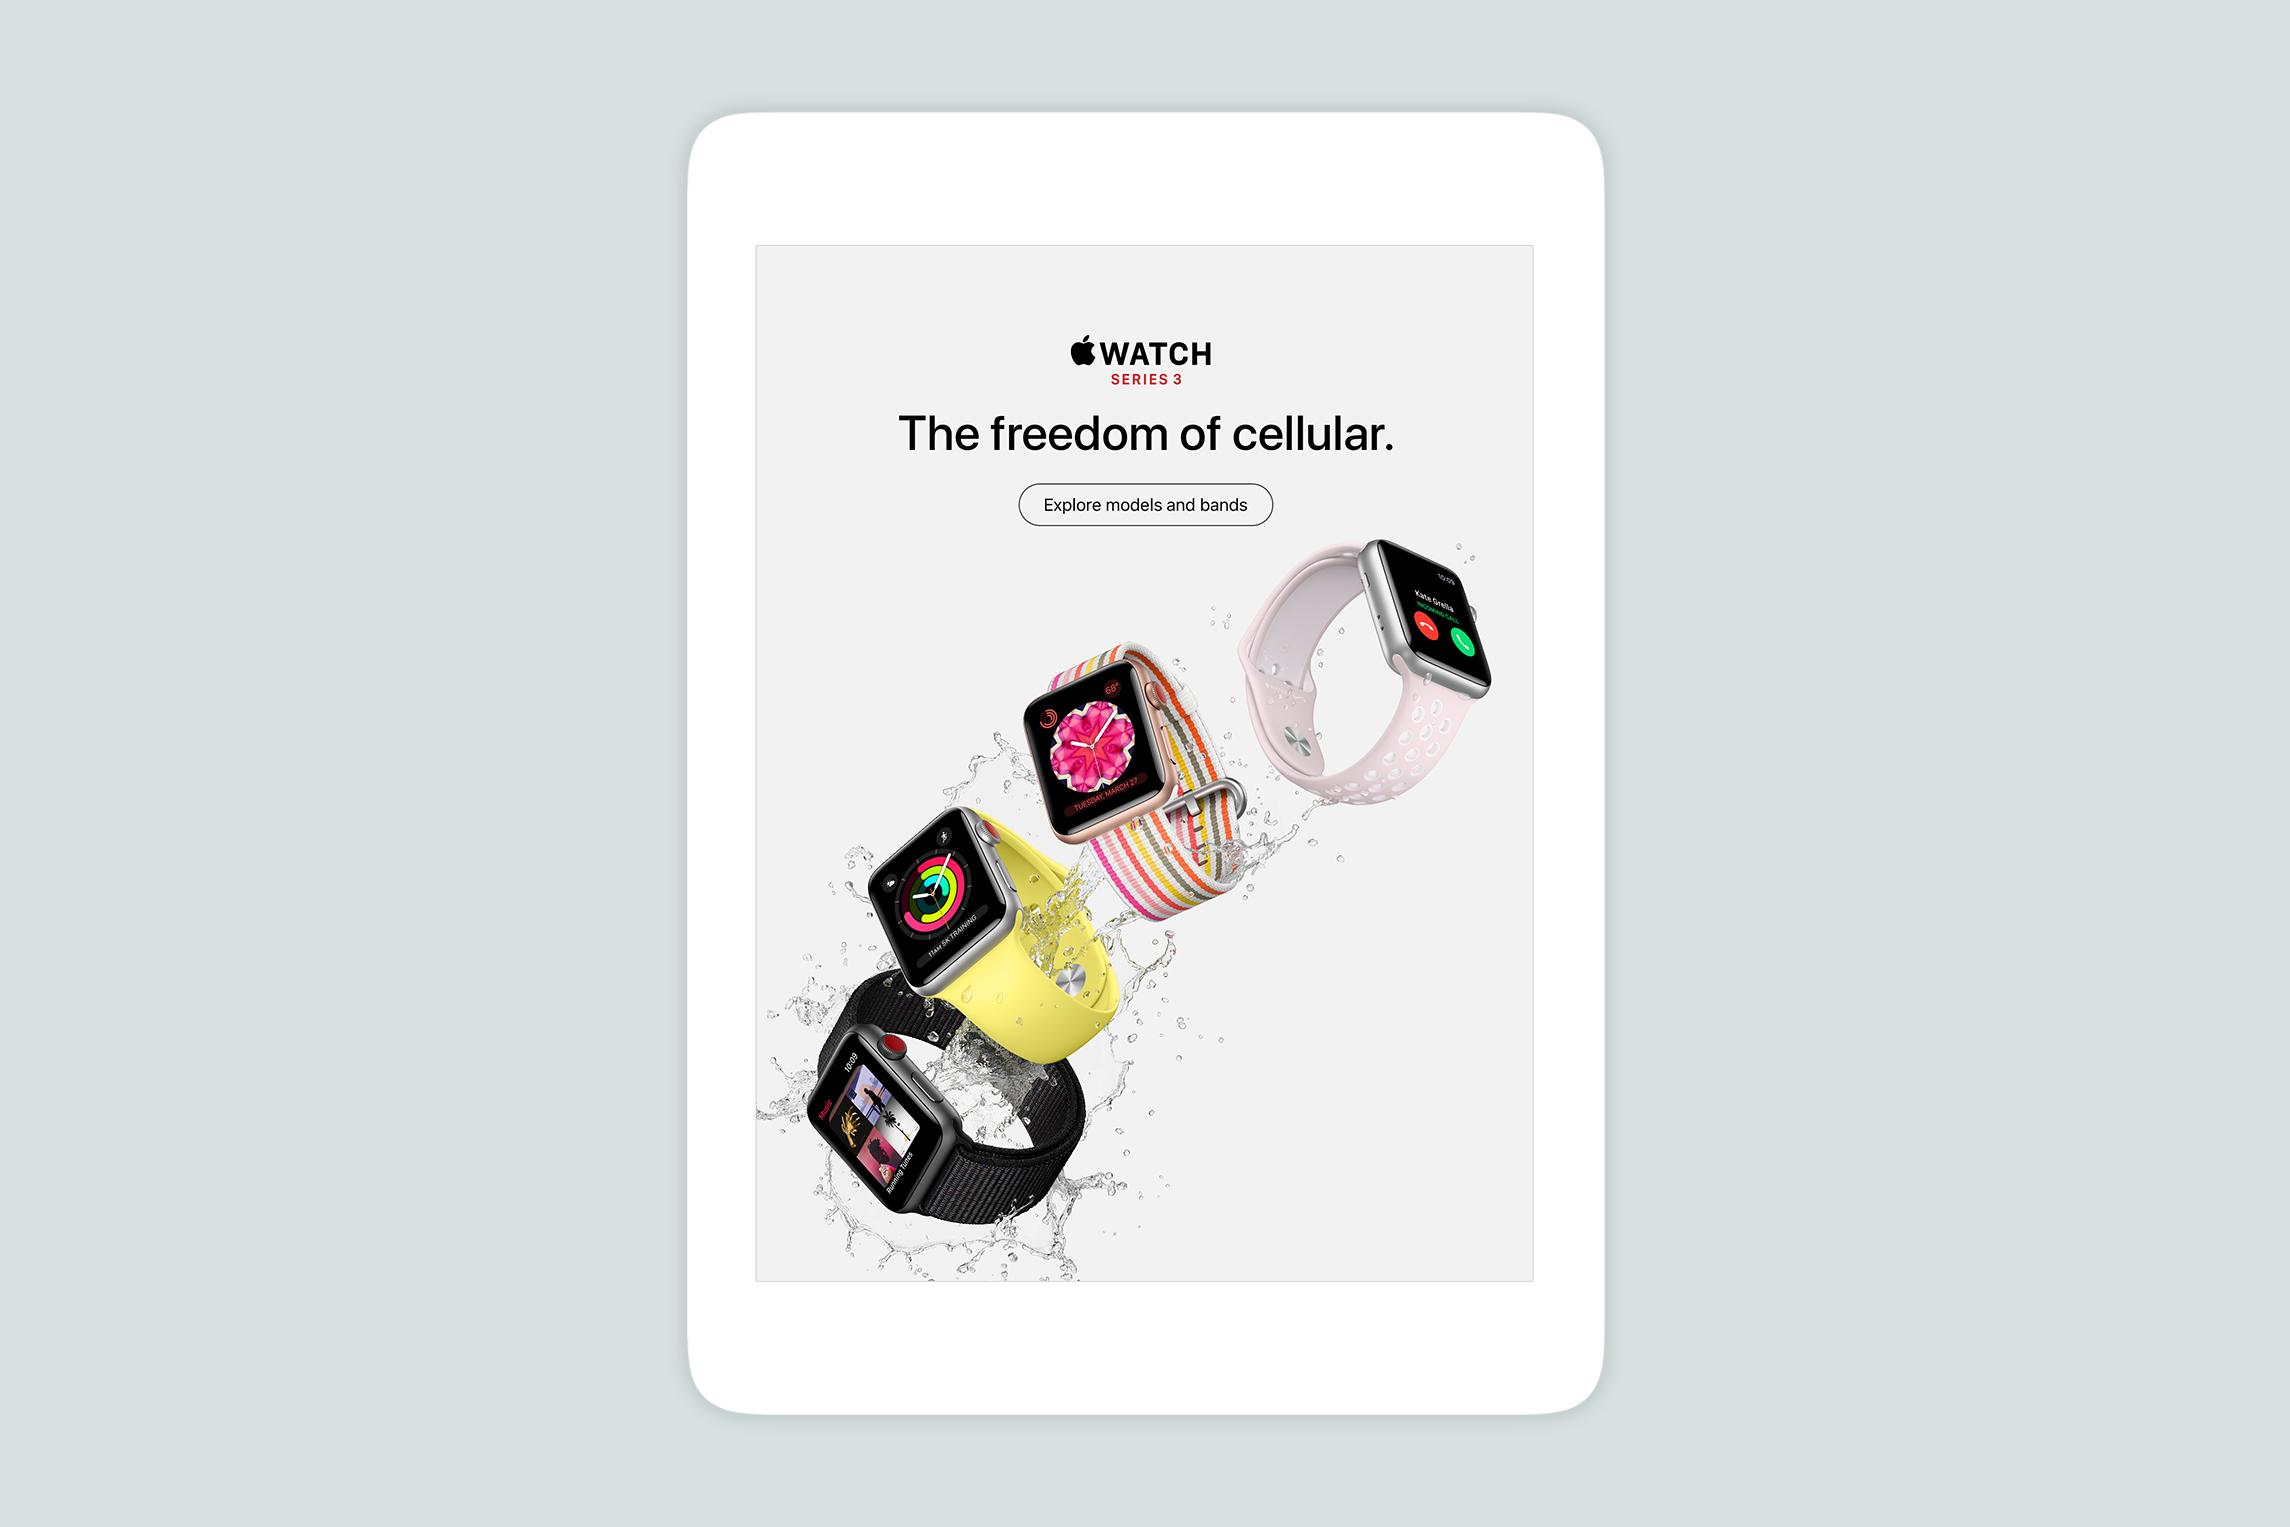 01-AppleWatchDemo-1Up-iPad-FrontDoor.jpg